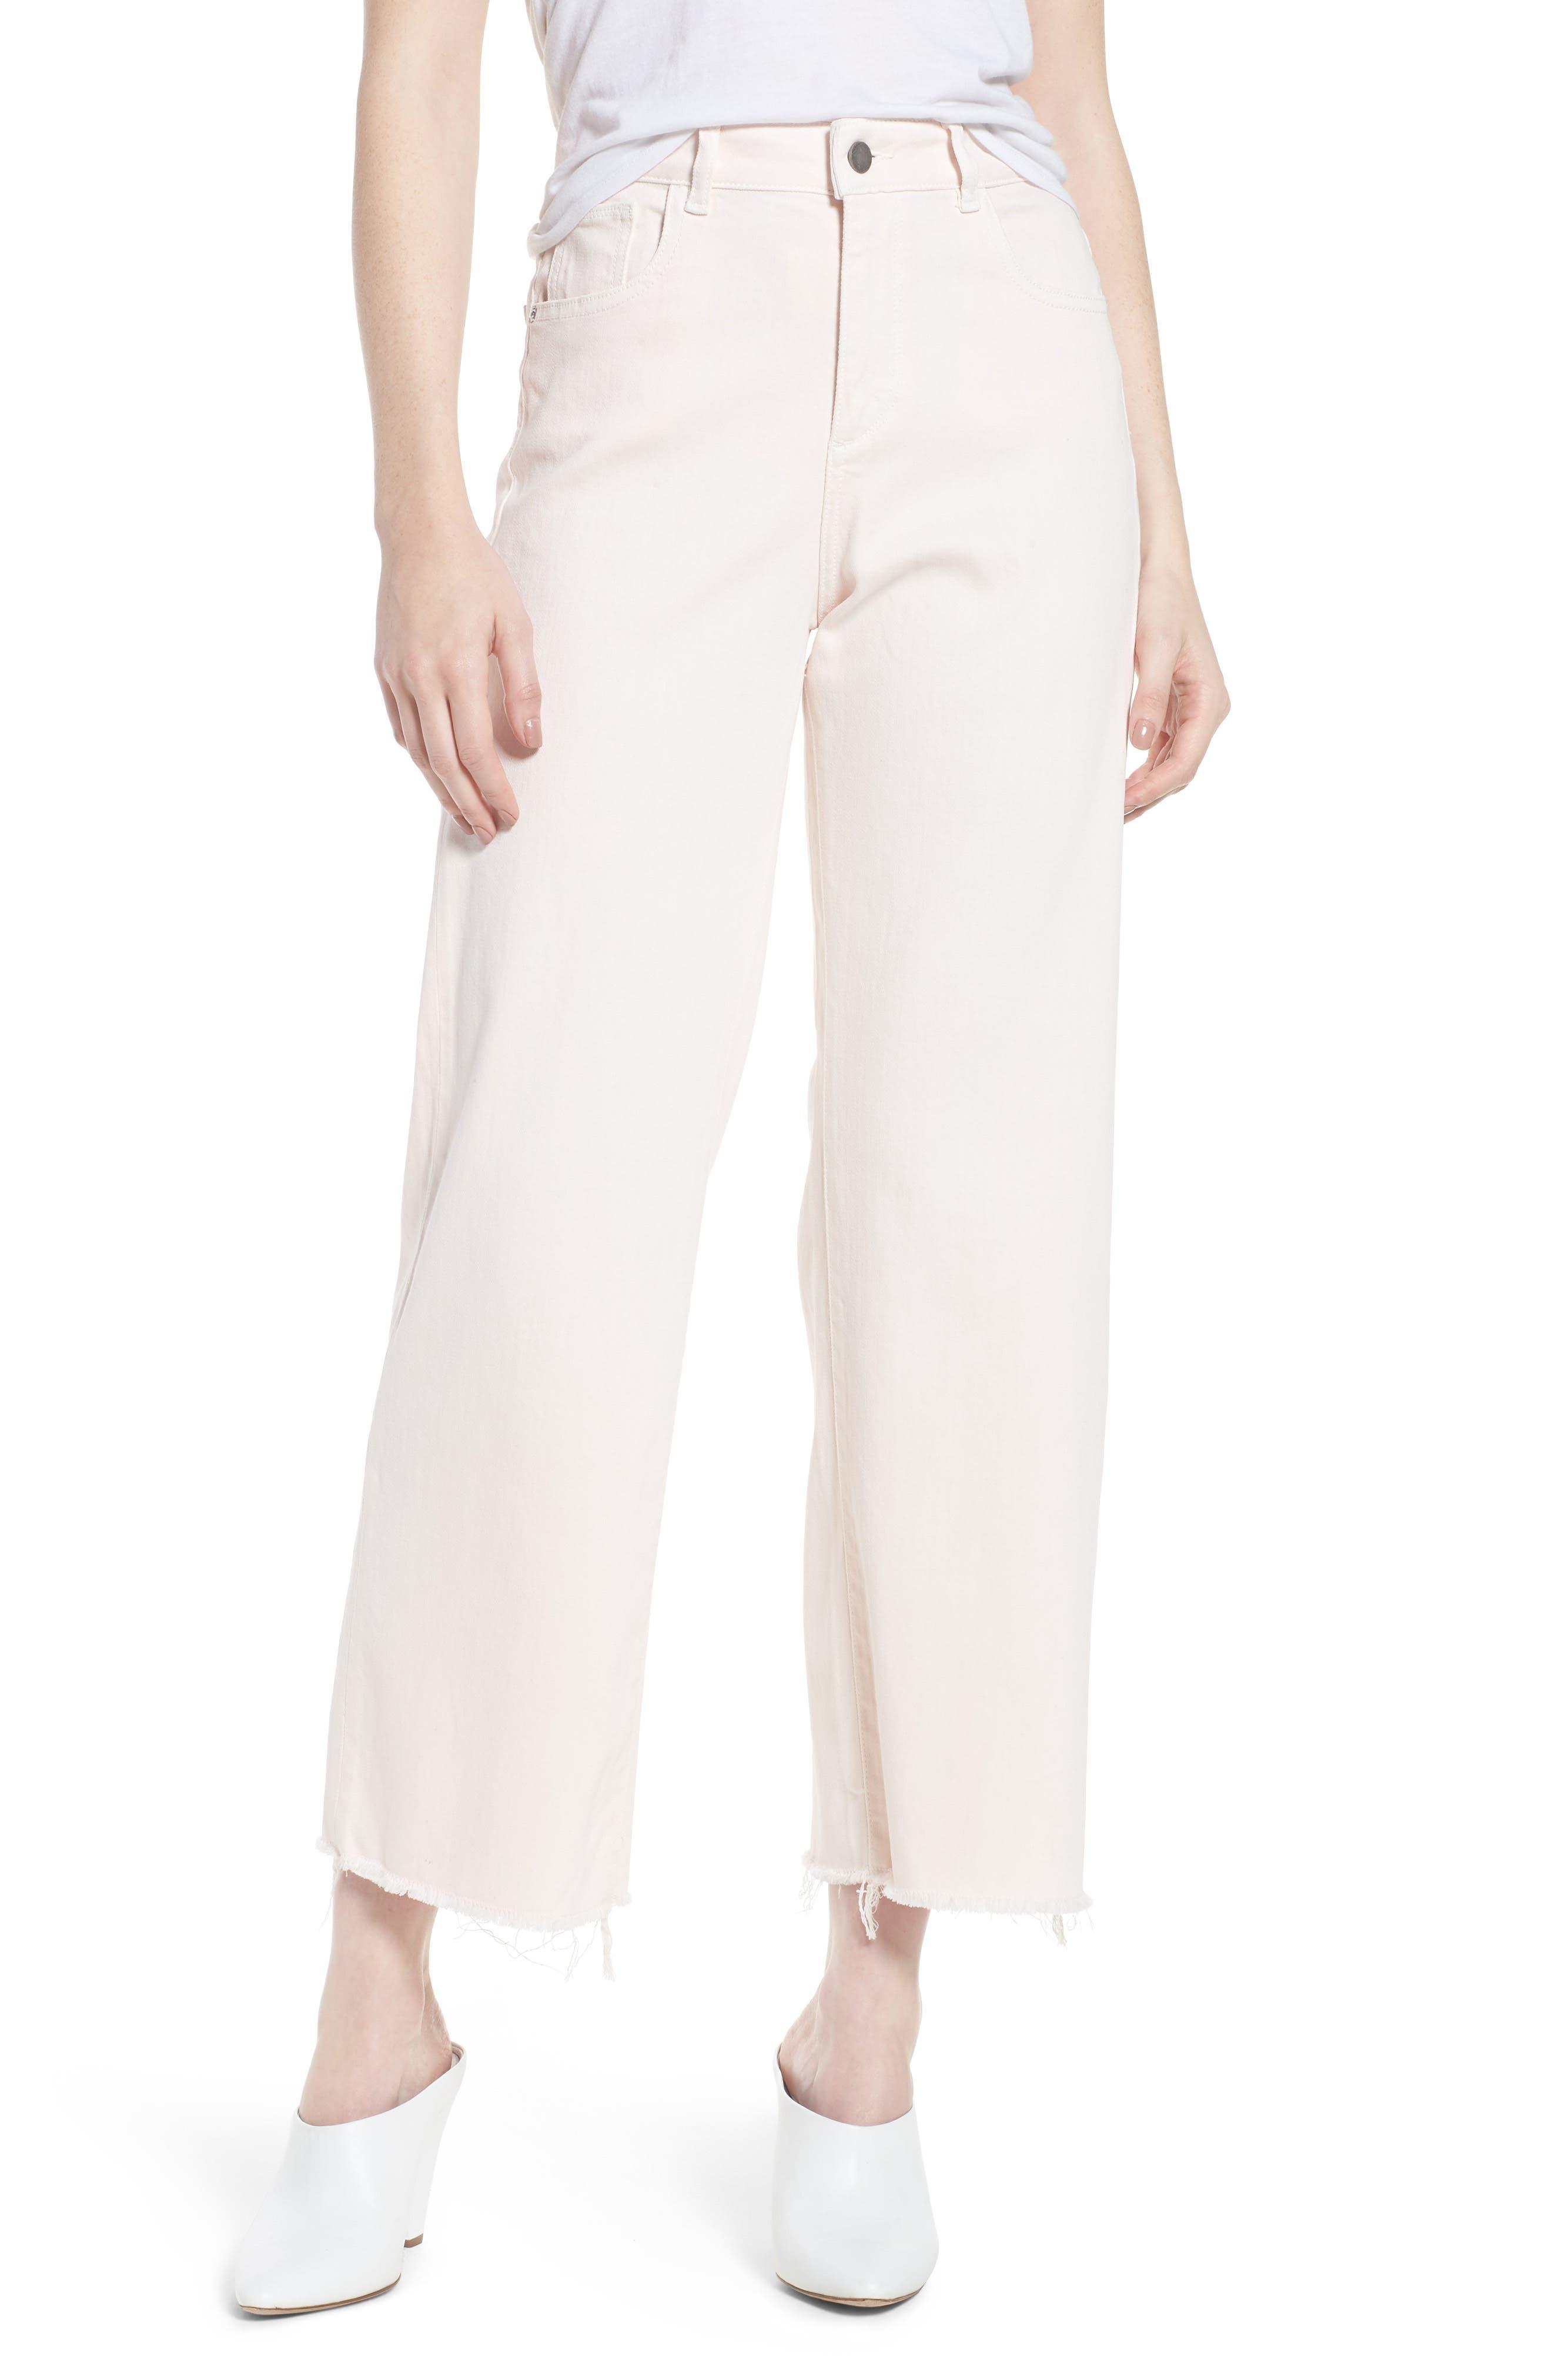 Hepburn Ankle Wide Leg Jeans,                             Main thumbnail 1, color,                             651